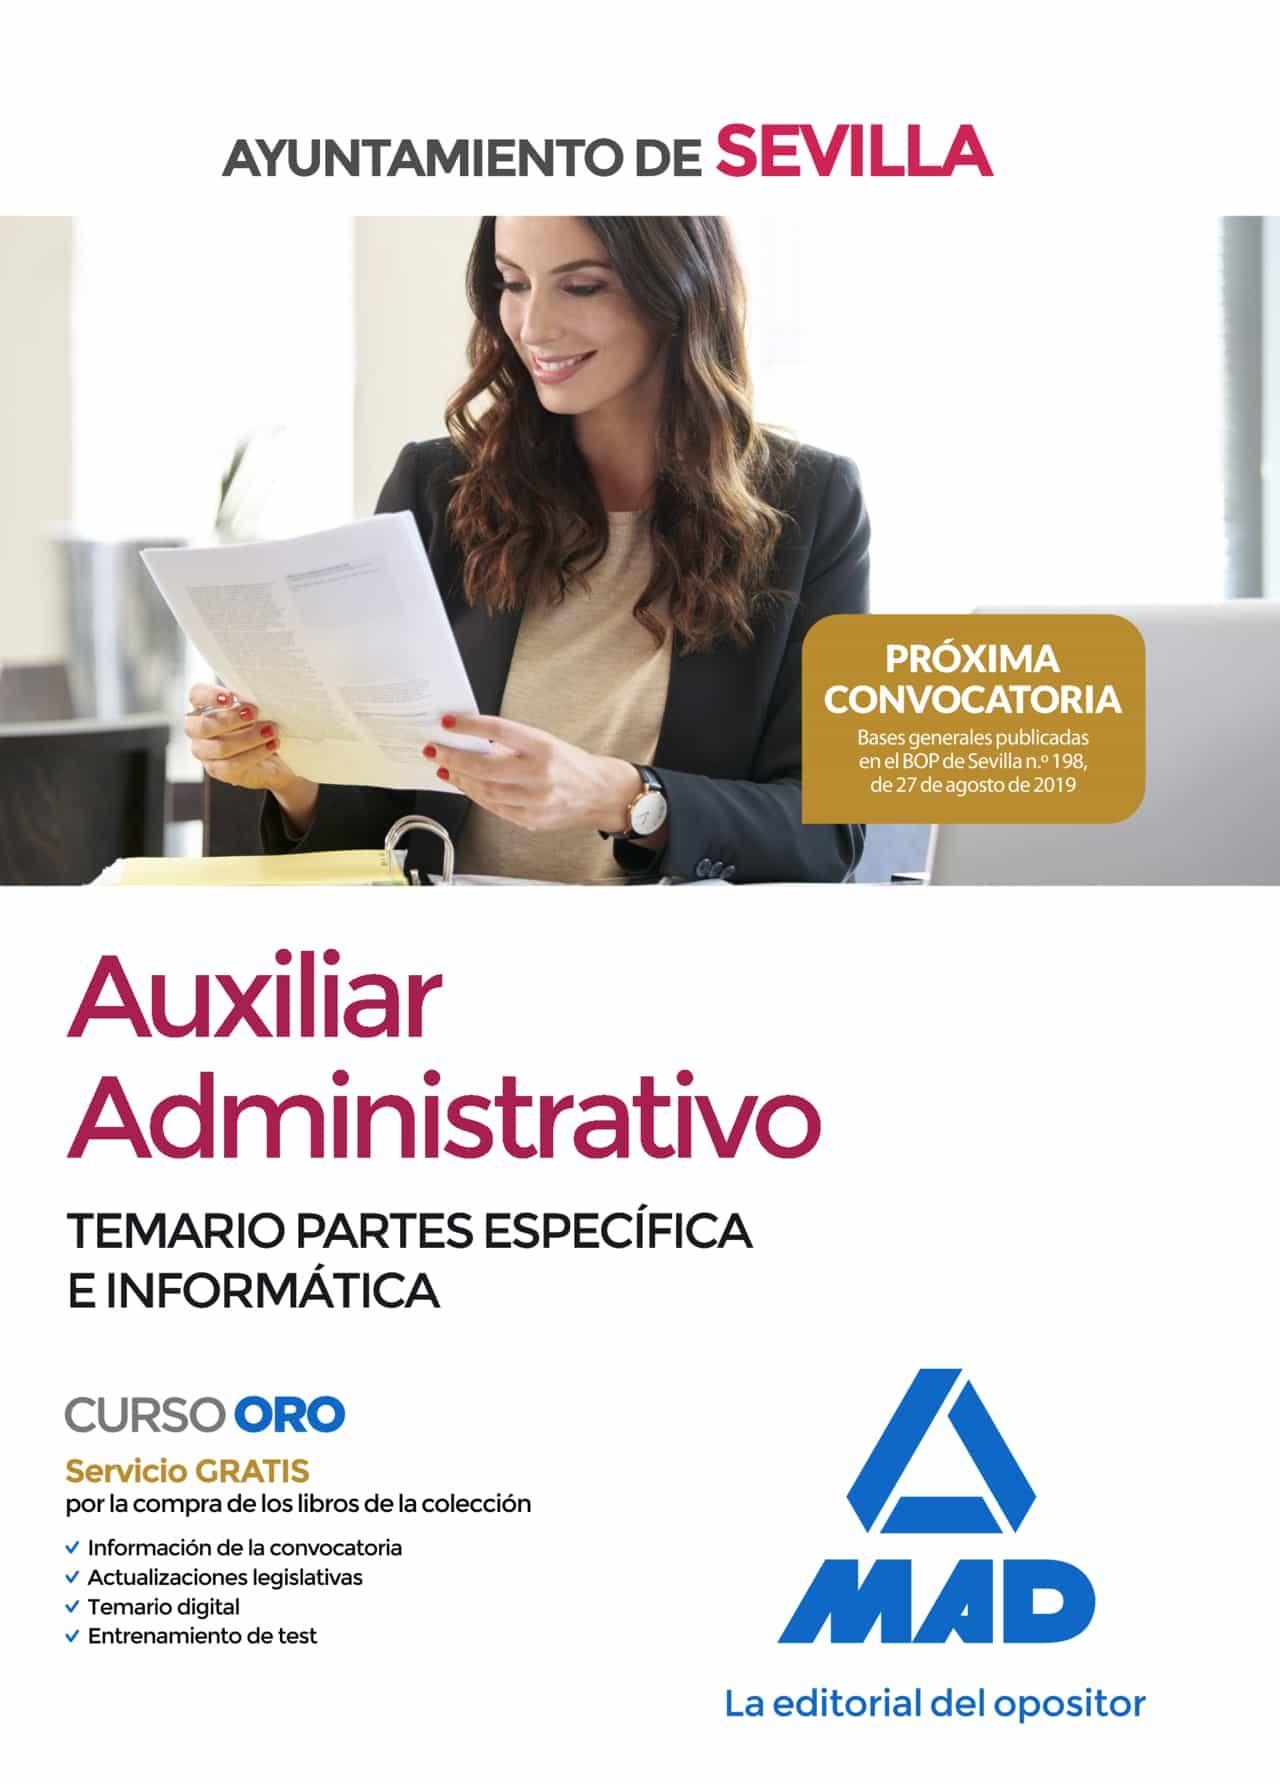 Auxiliar Administrativo Del Ayuntamiento De Sevilla. Temario Partes Es - Vv.aa.